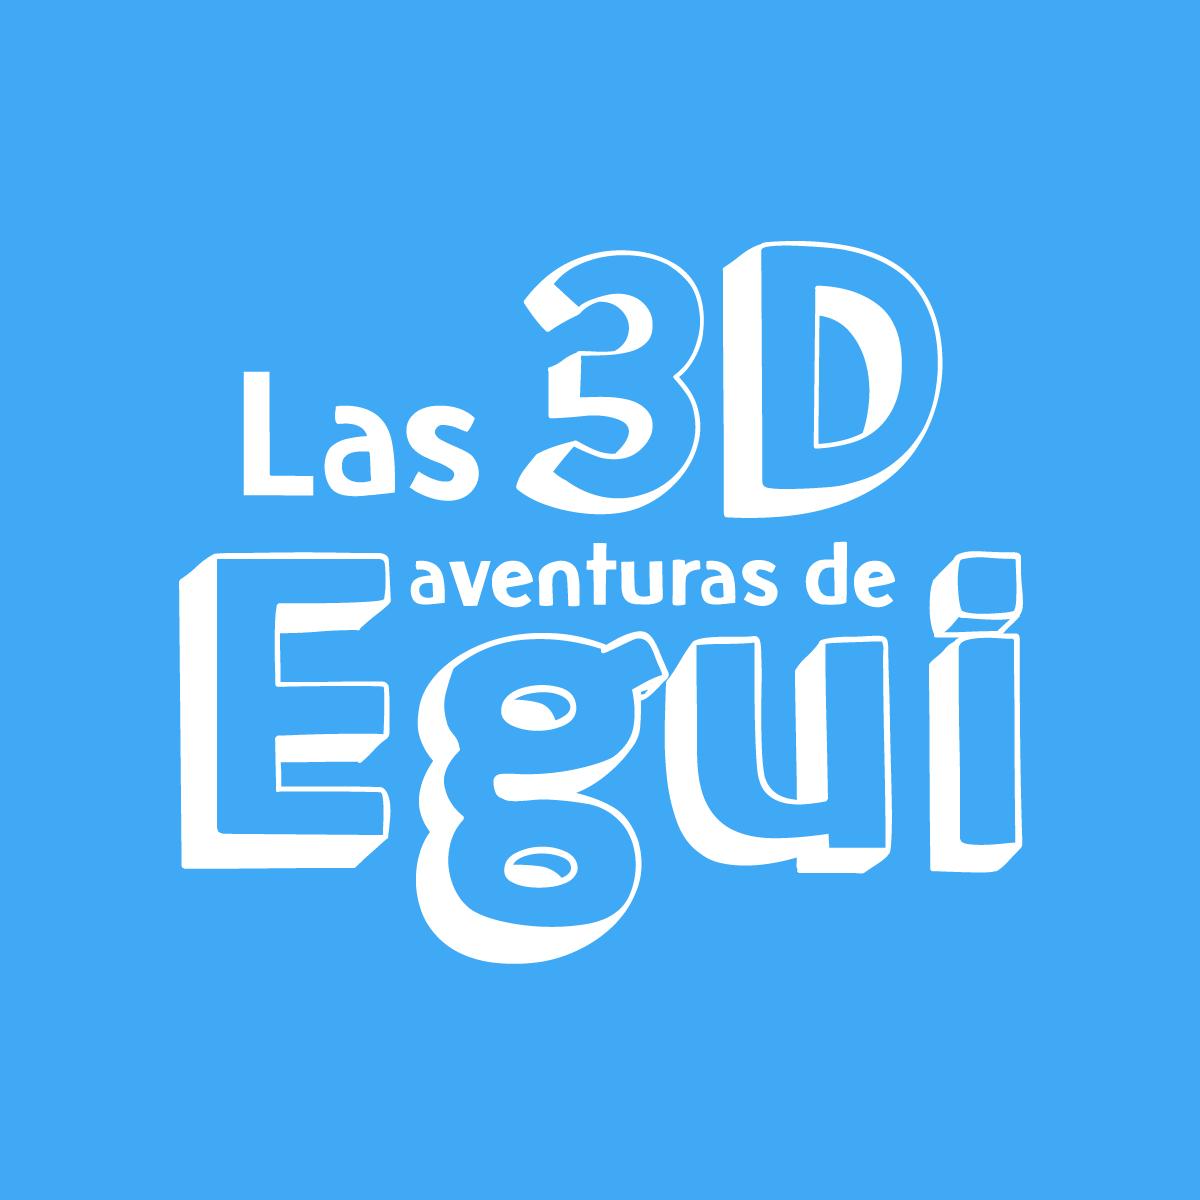 Las 3D Aventuras de Egui